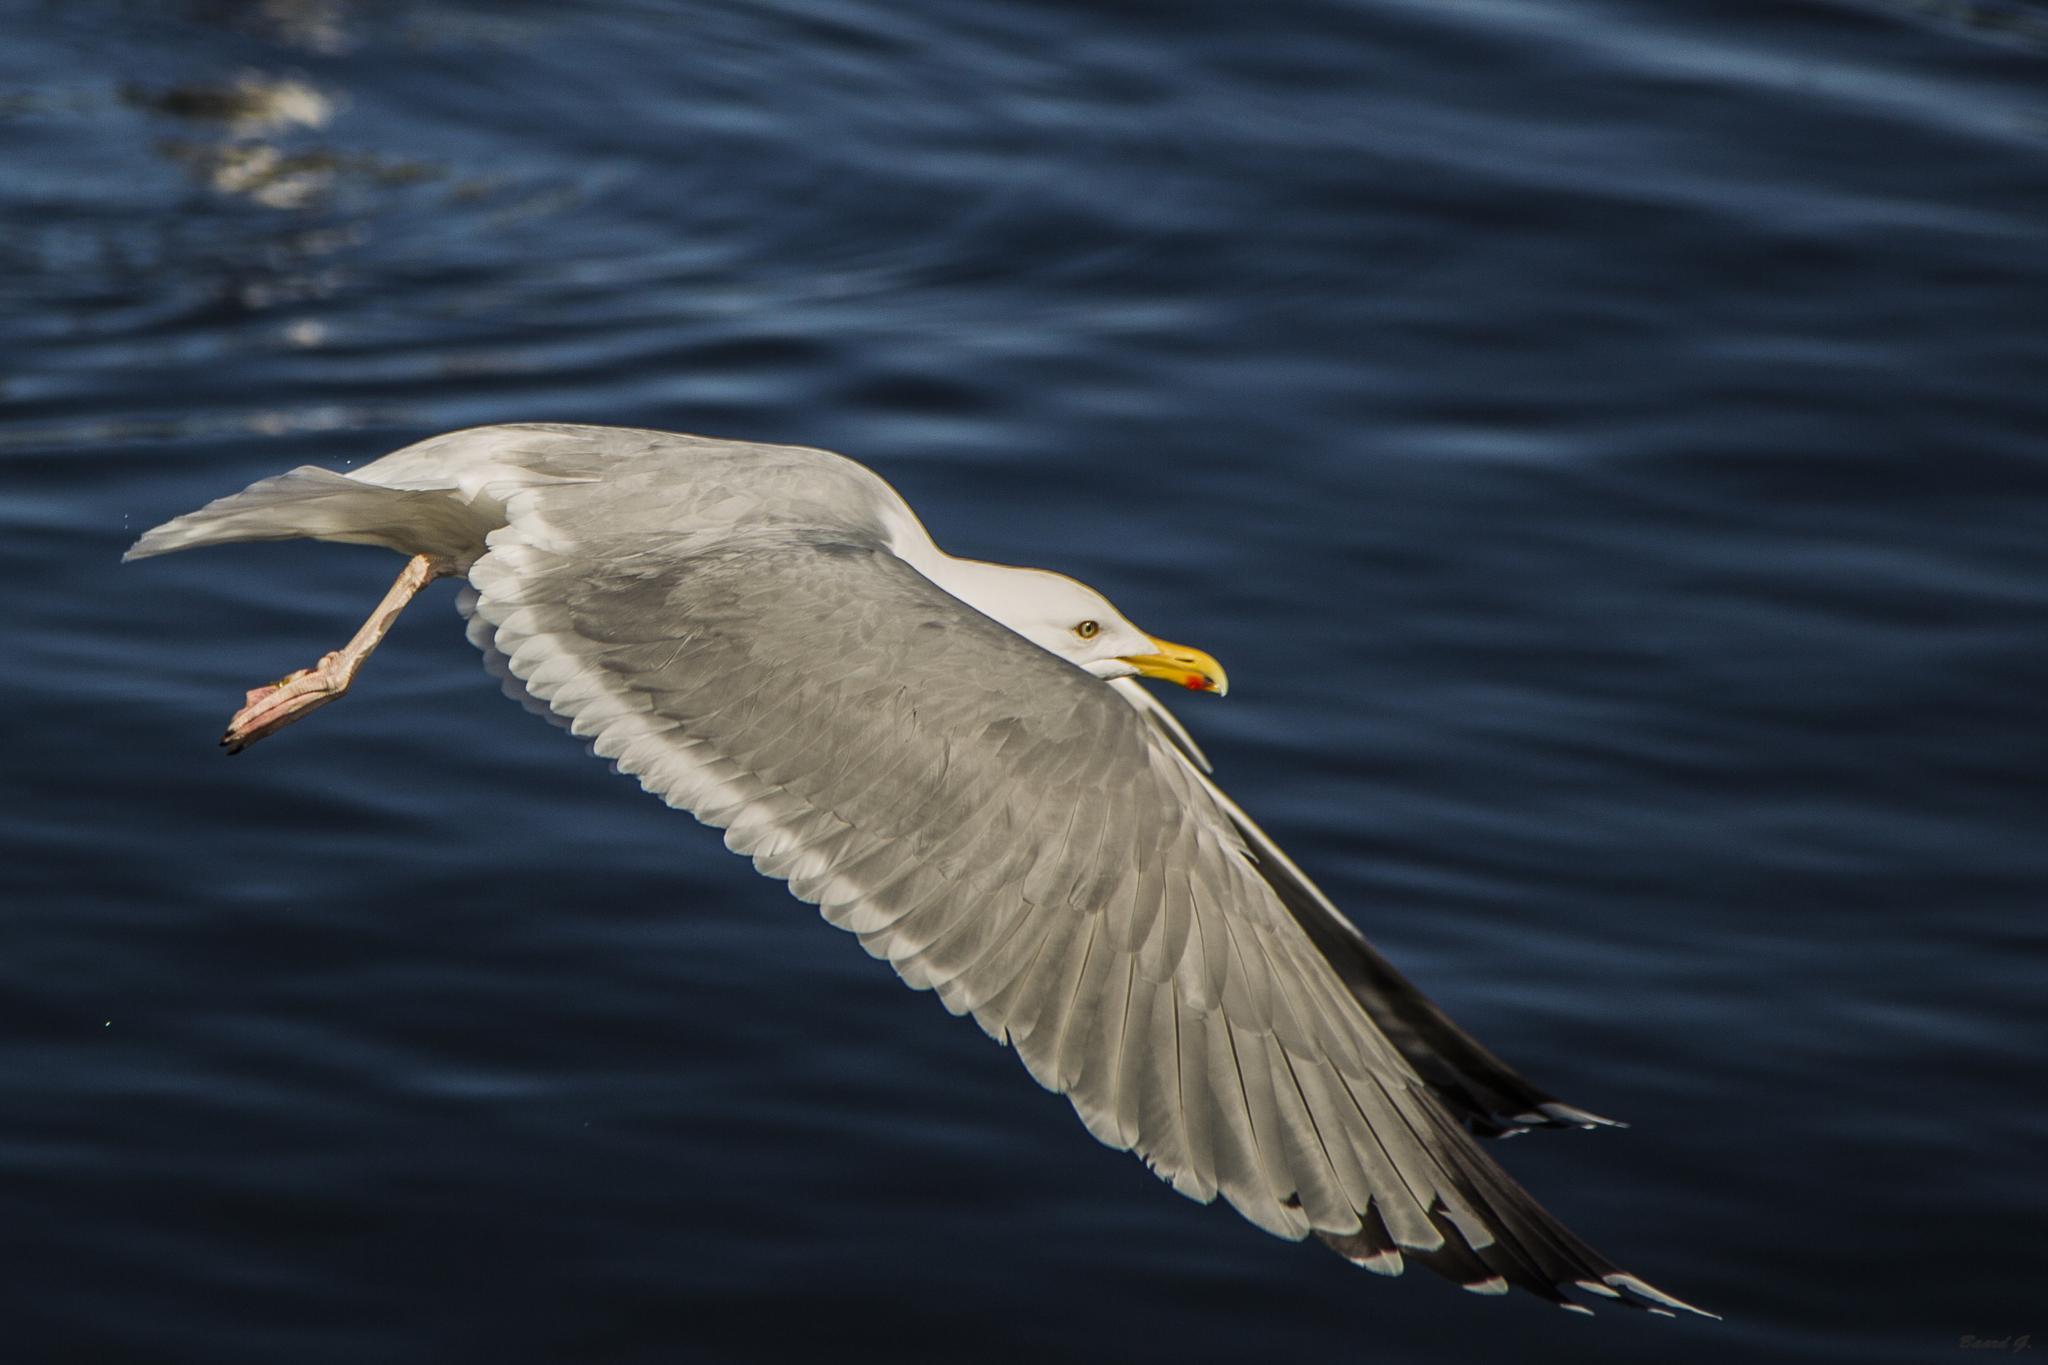 Fly bird fly! by Baard Groedeland